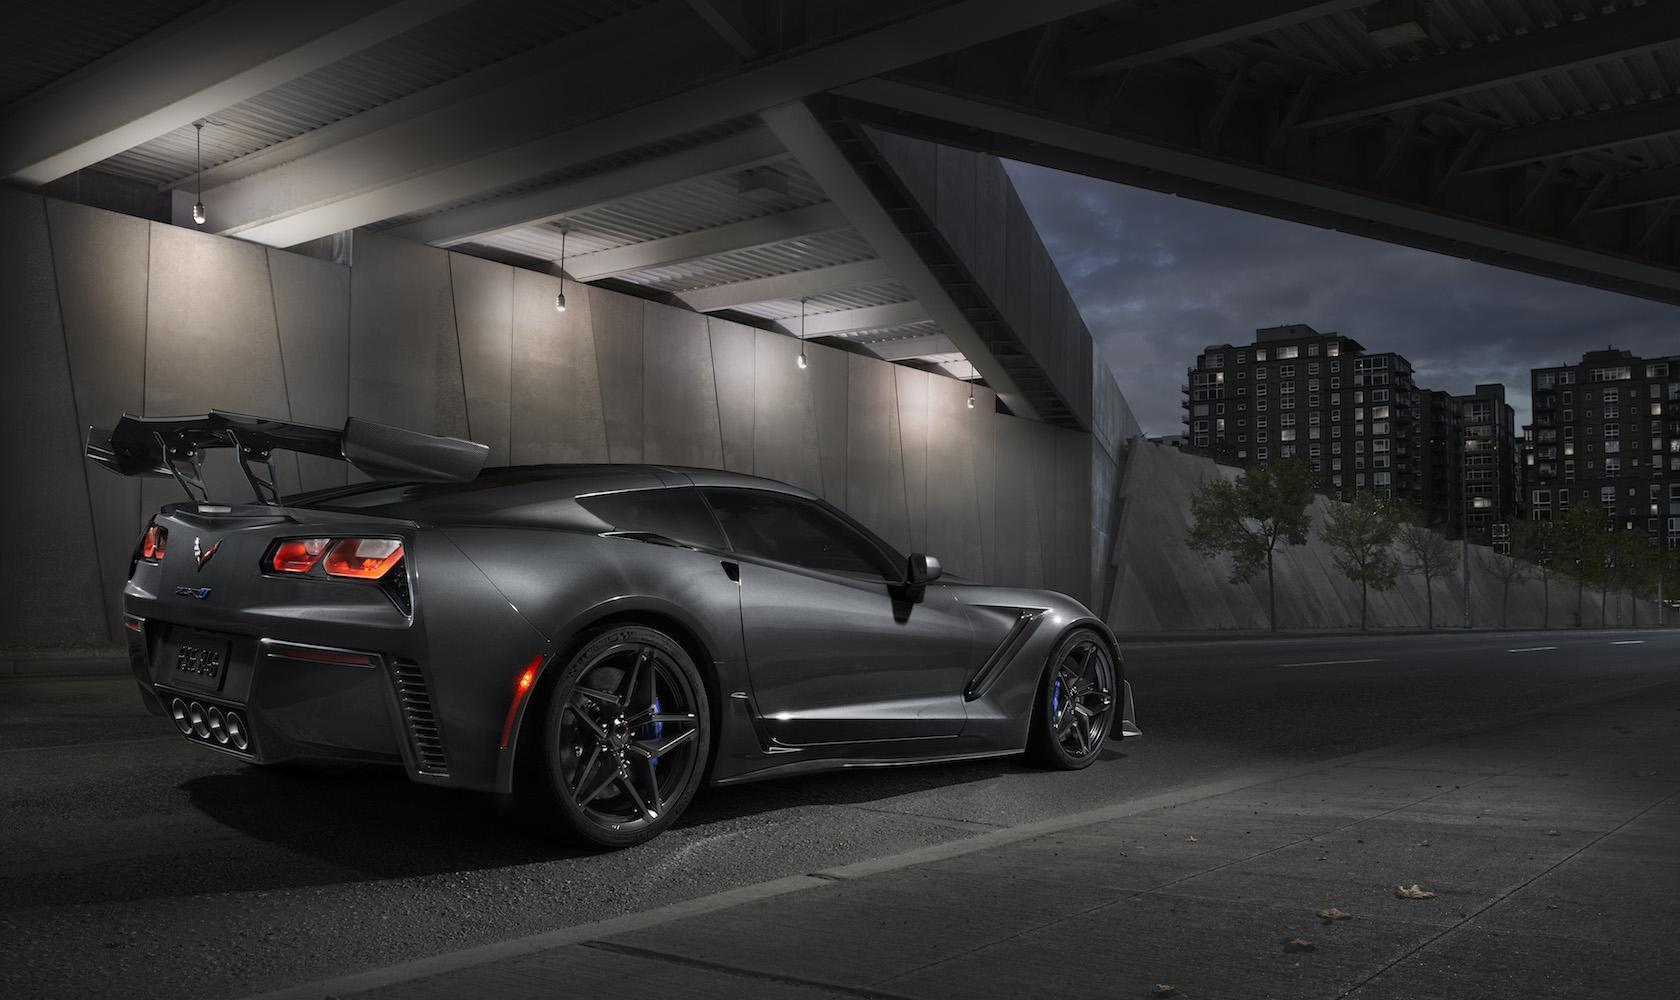 Corvette Zr1 0 60 >> The 2019 Corvette Zr1 Is A 755 Hp All American Supercar